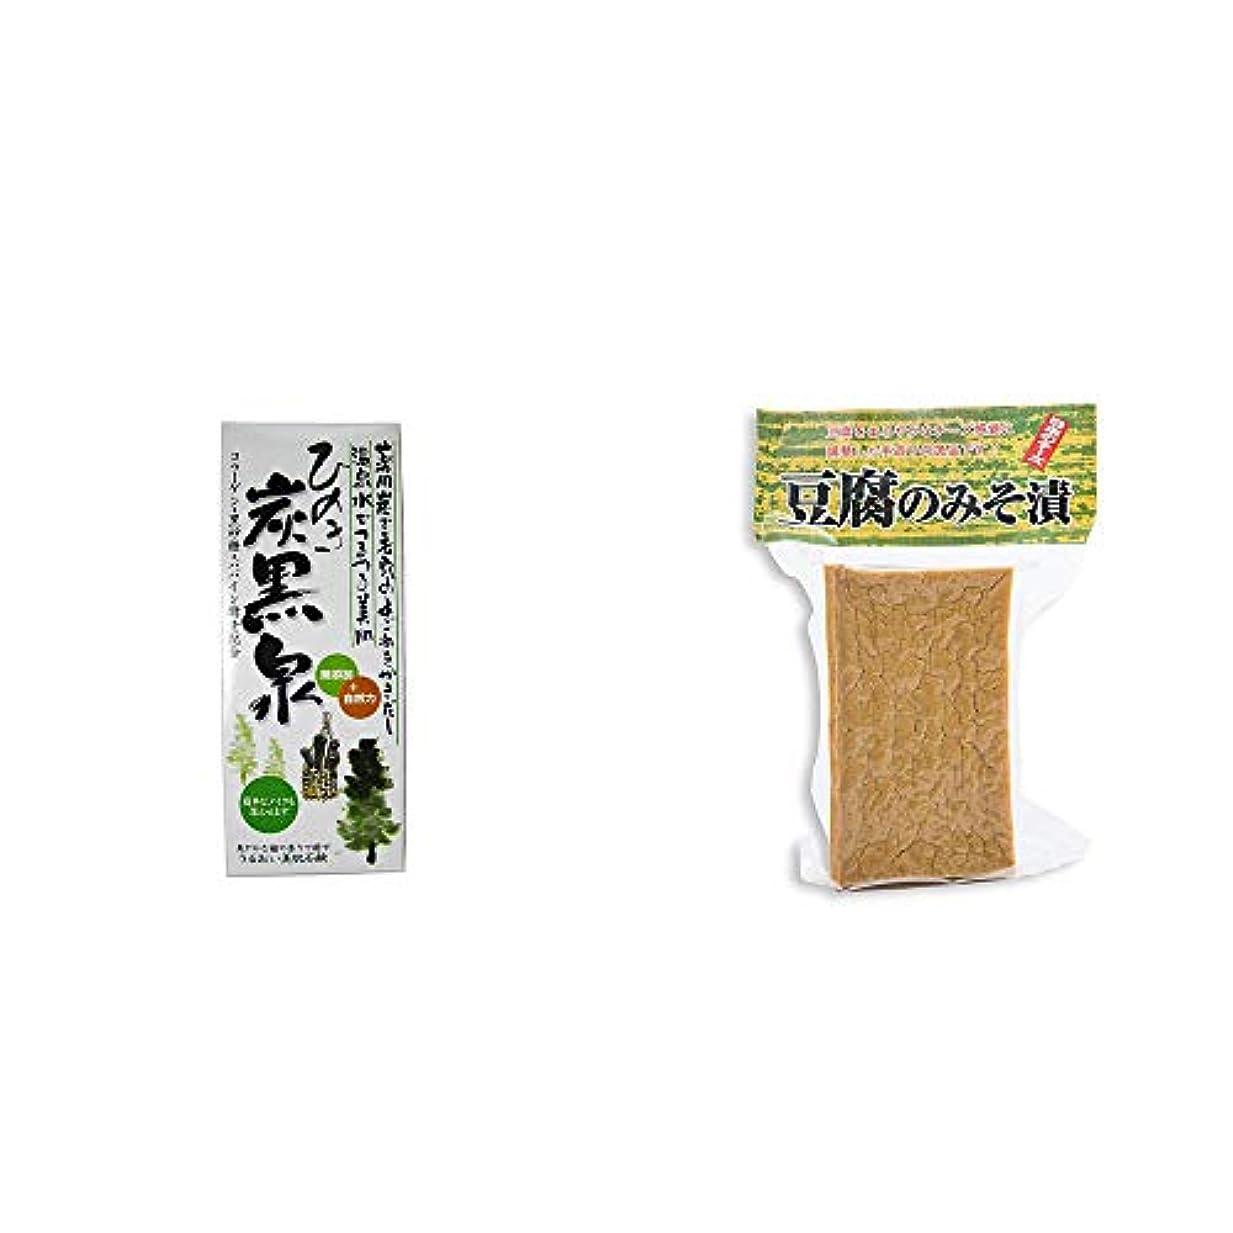 ベンチ形式アミューズ[2点セット] ひのき炭黒泉 箱入り(75g×3)?日本のチーズ 豆腐のみそ漬(1個入)